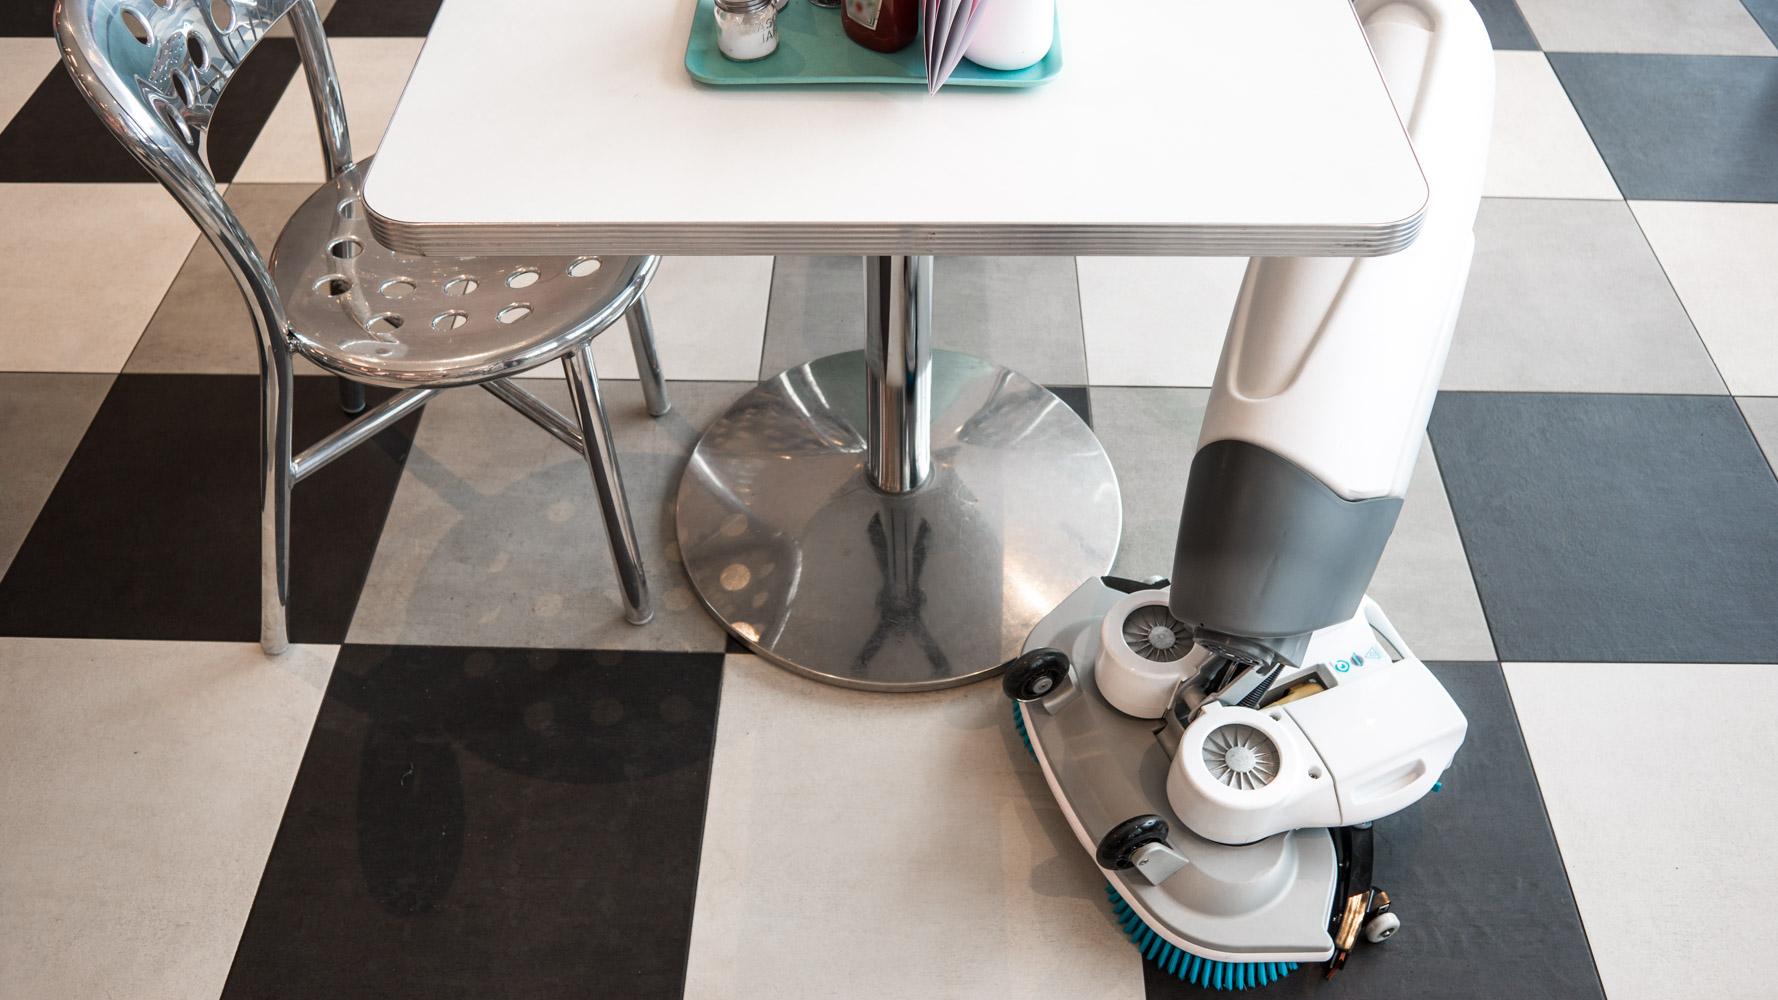 Förbättra städprocessen. Innovativa städmaskiner